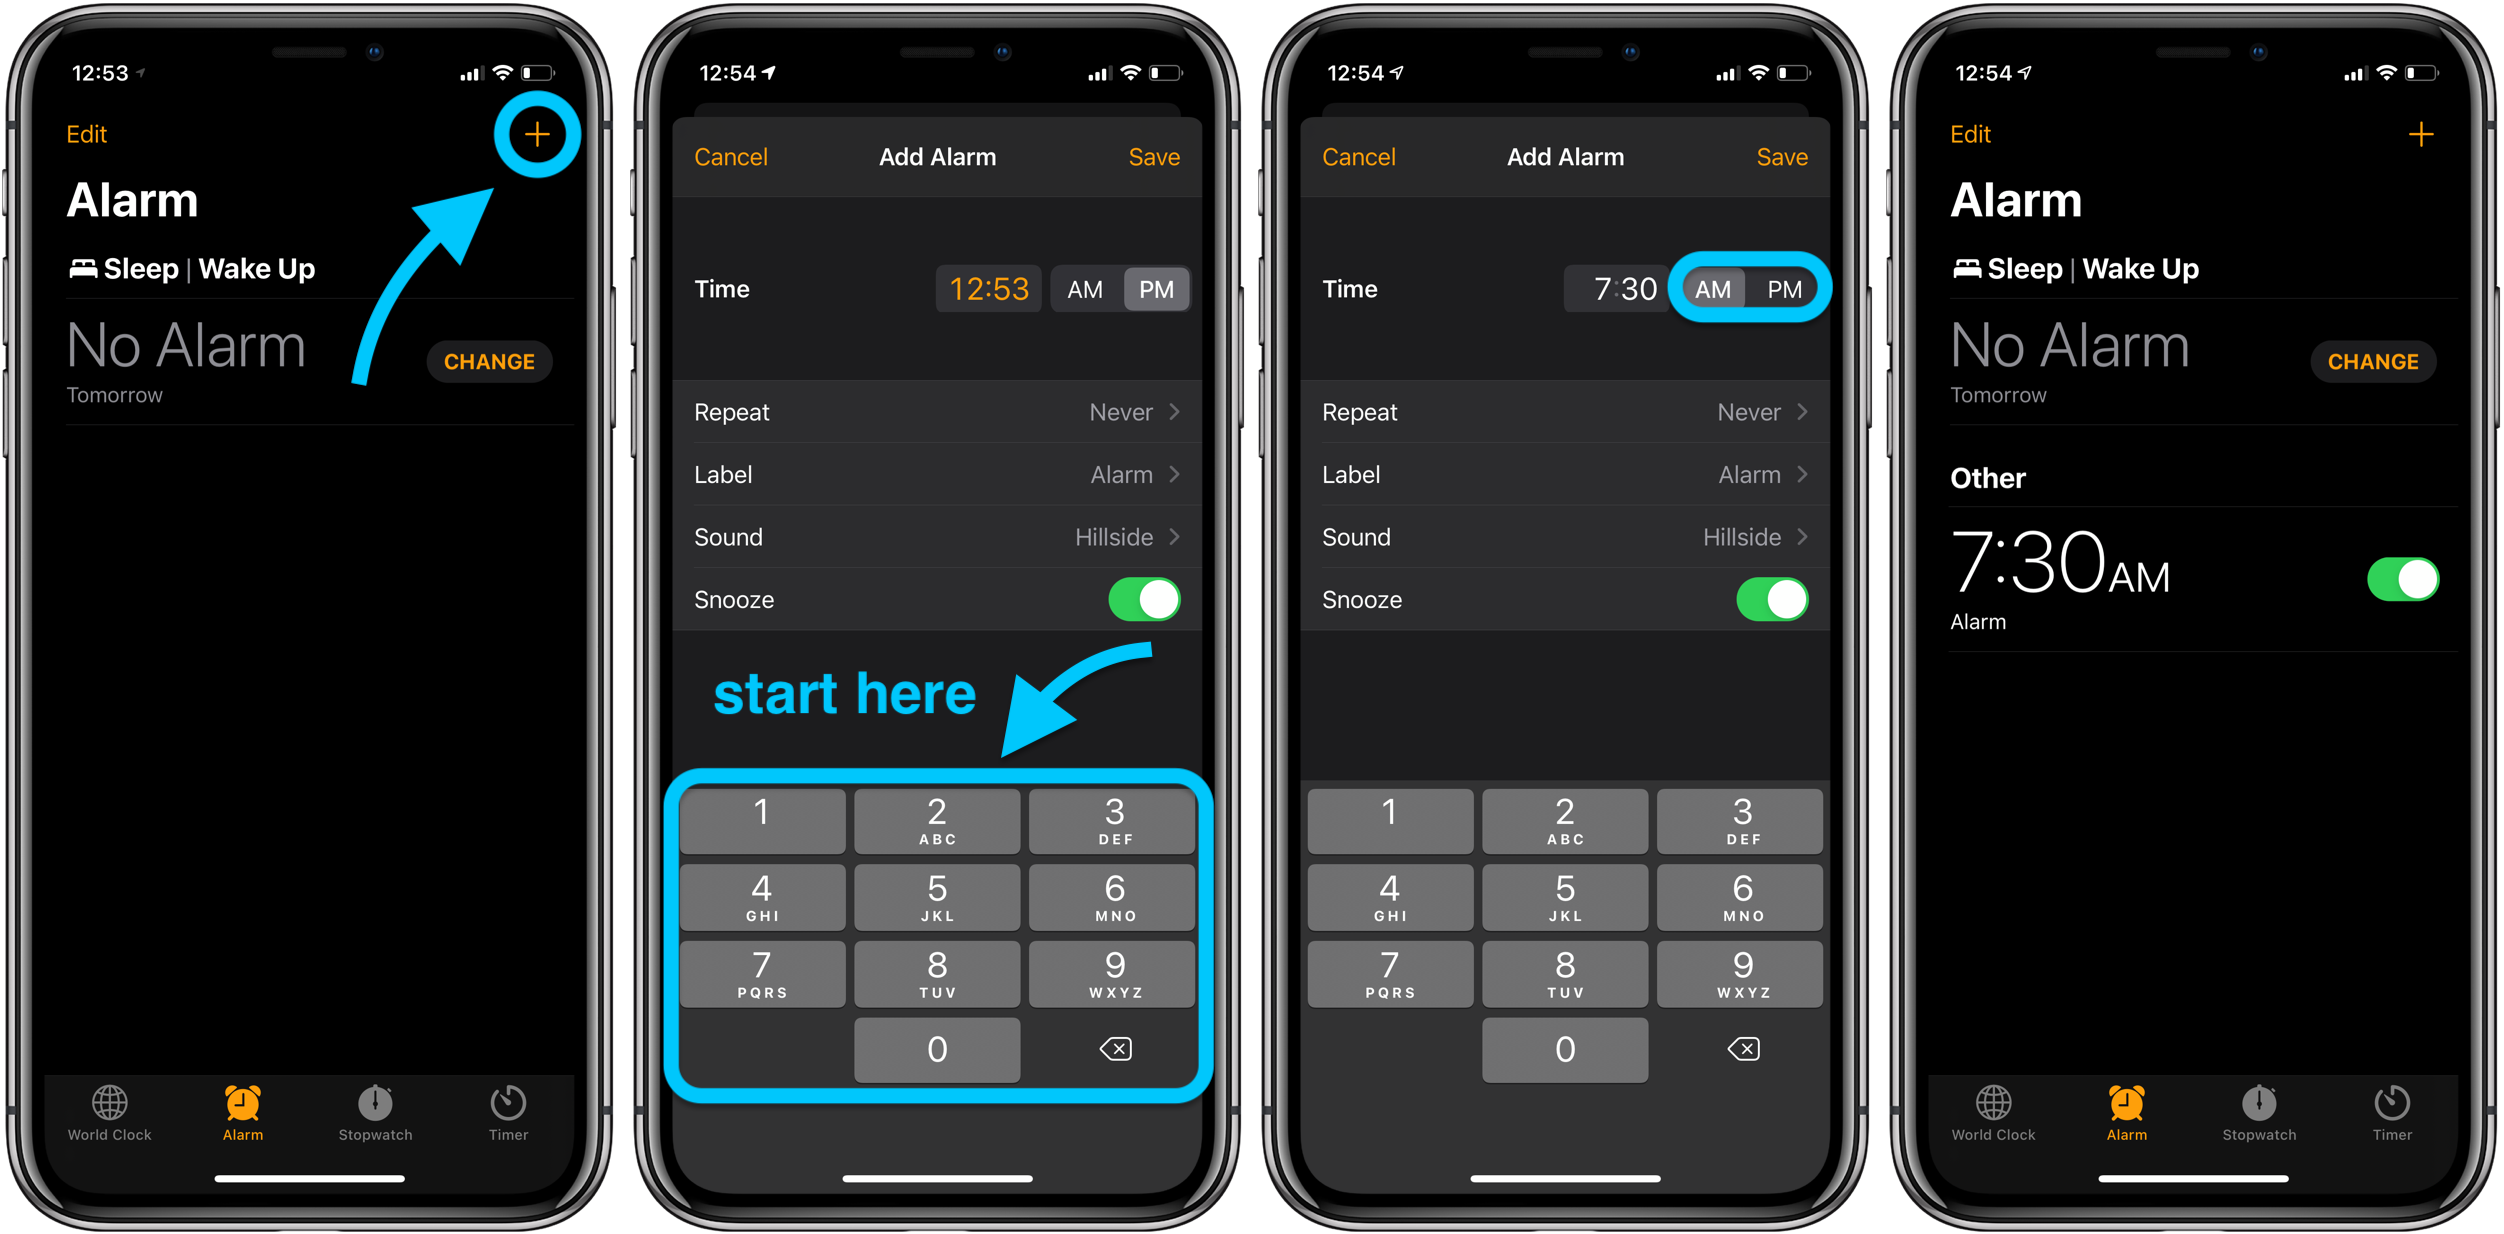 Как использовать новые будильники iPhone в iOS 14, пошаговое руководство 1